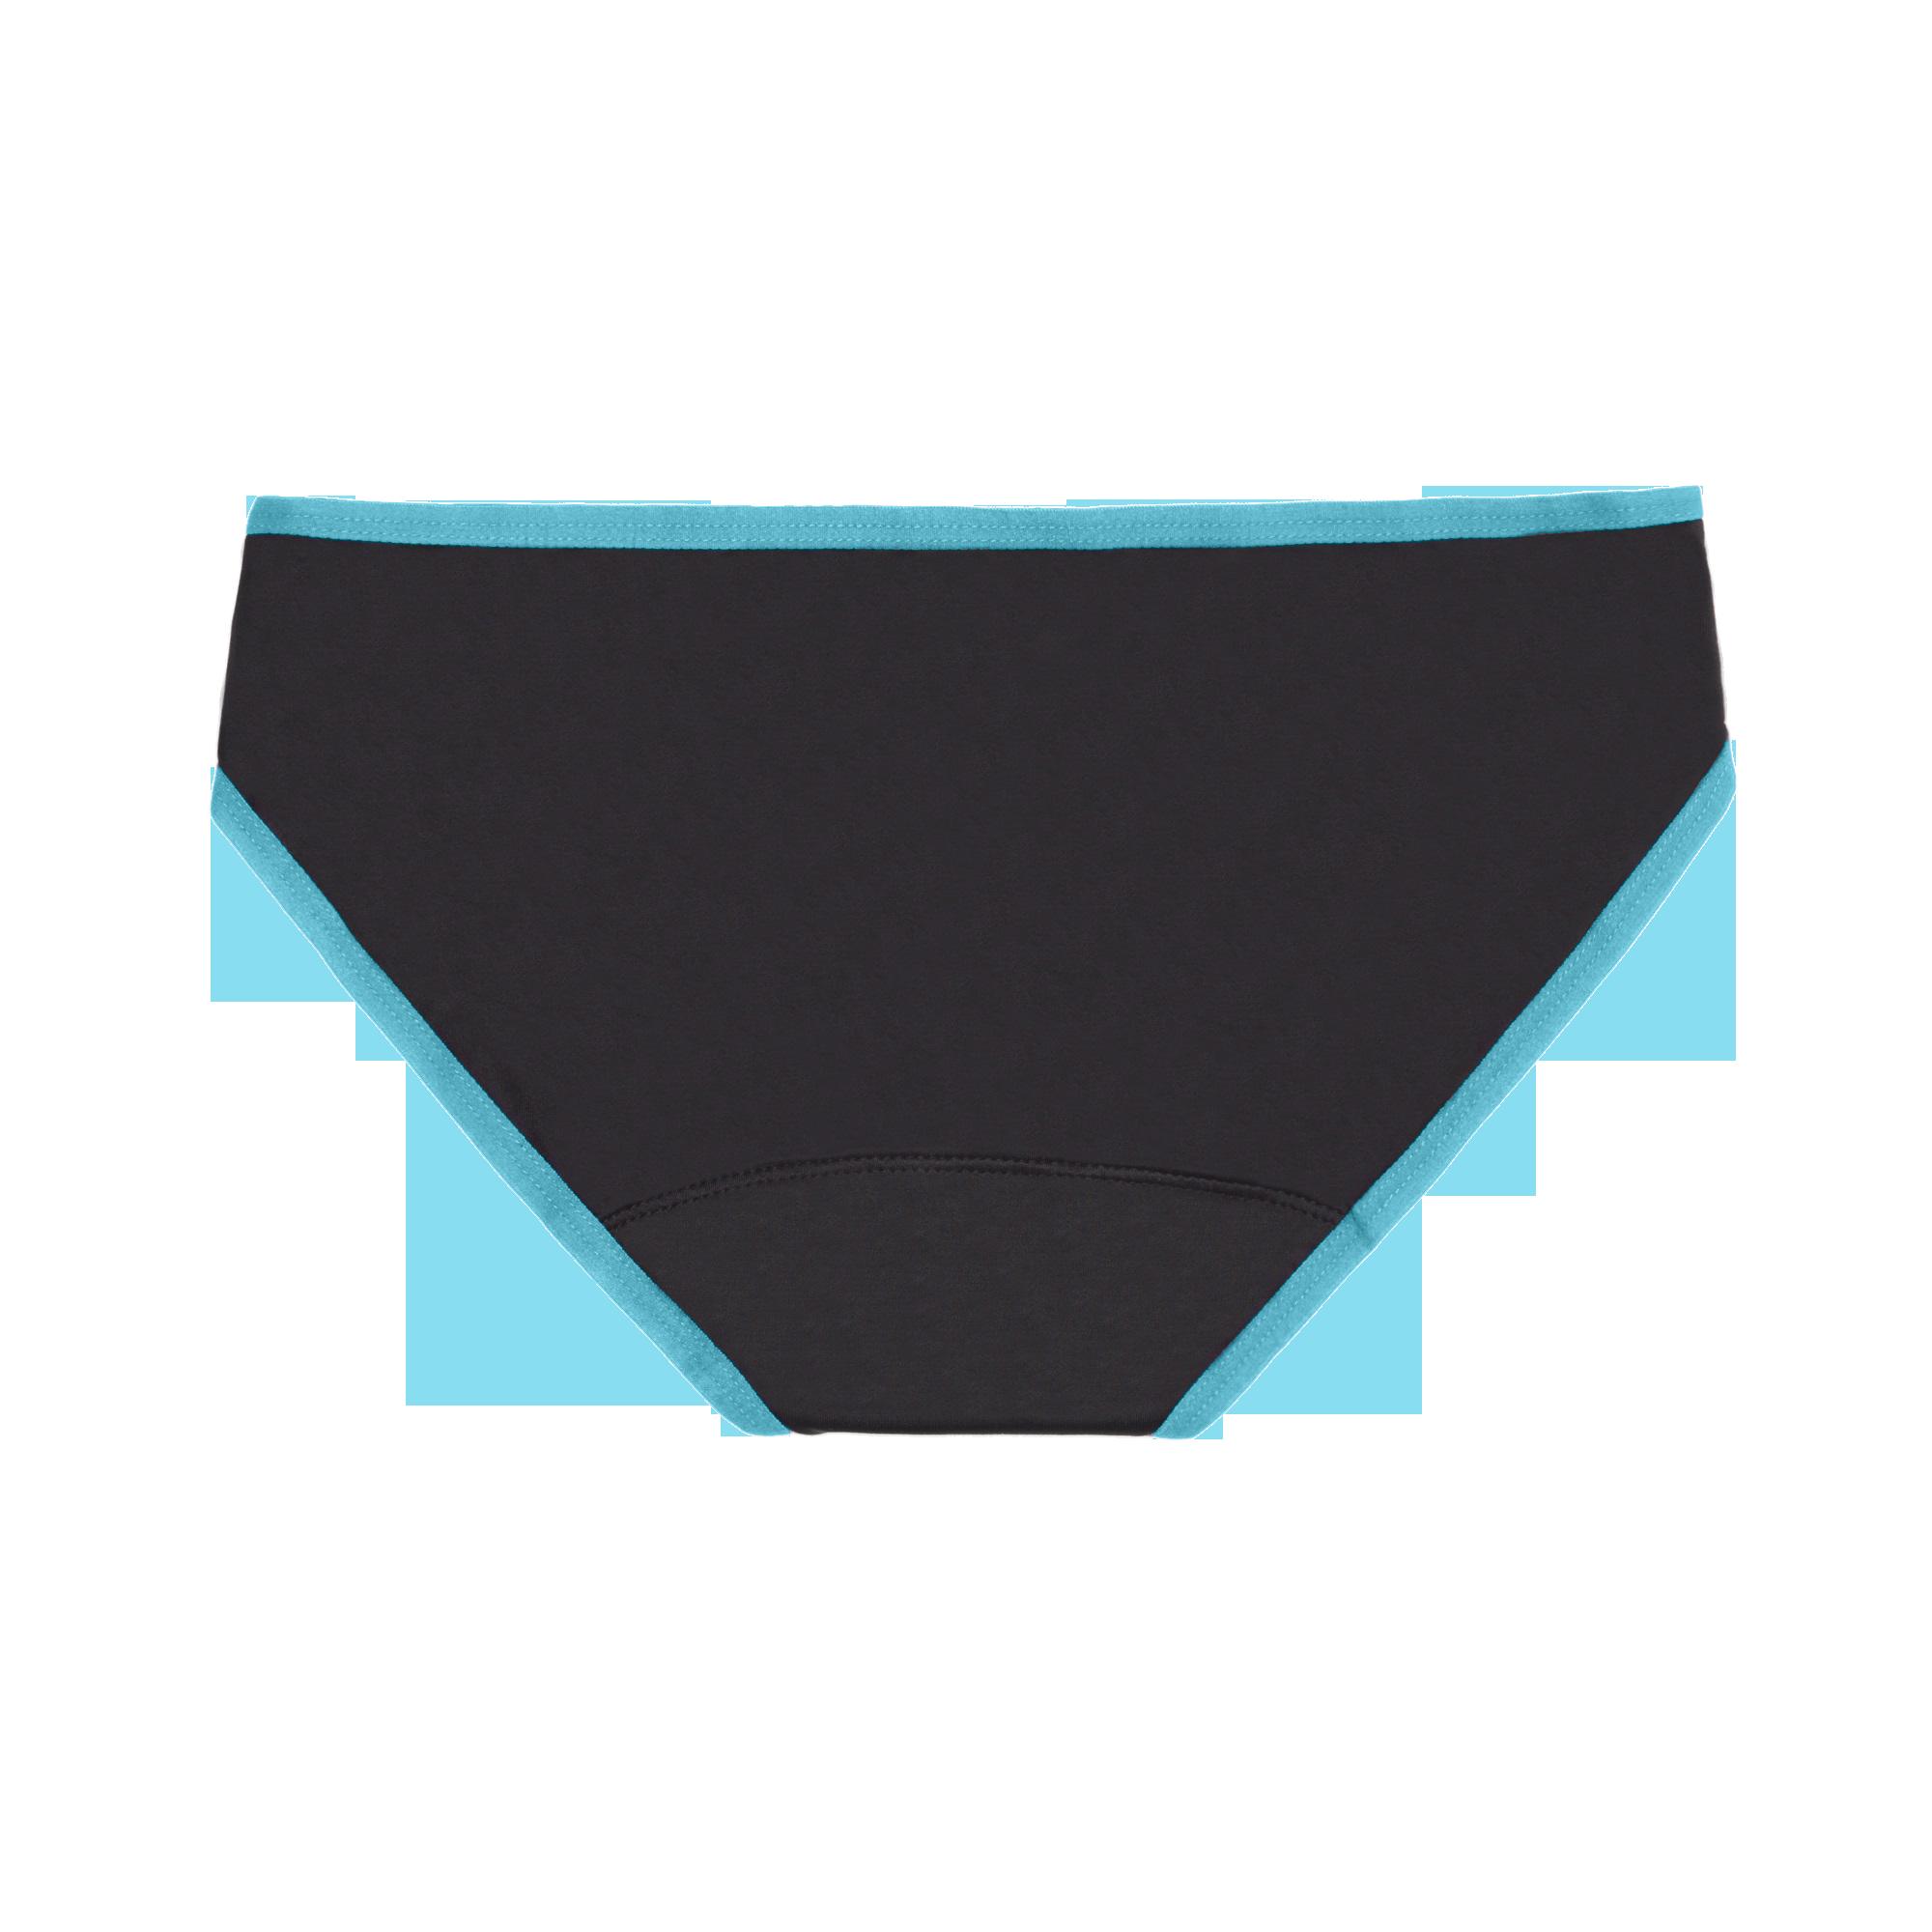 Productos para la incontinencia urinaria - clinicadamcom